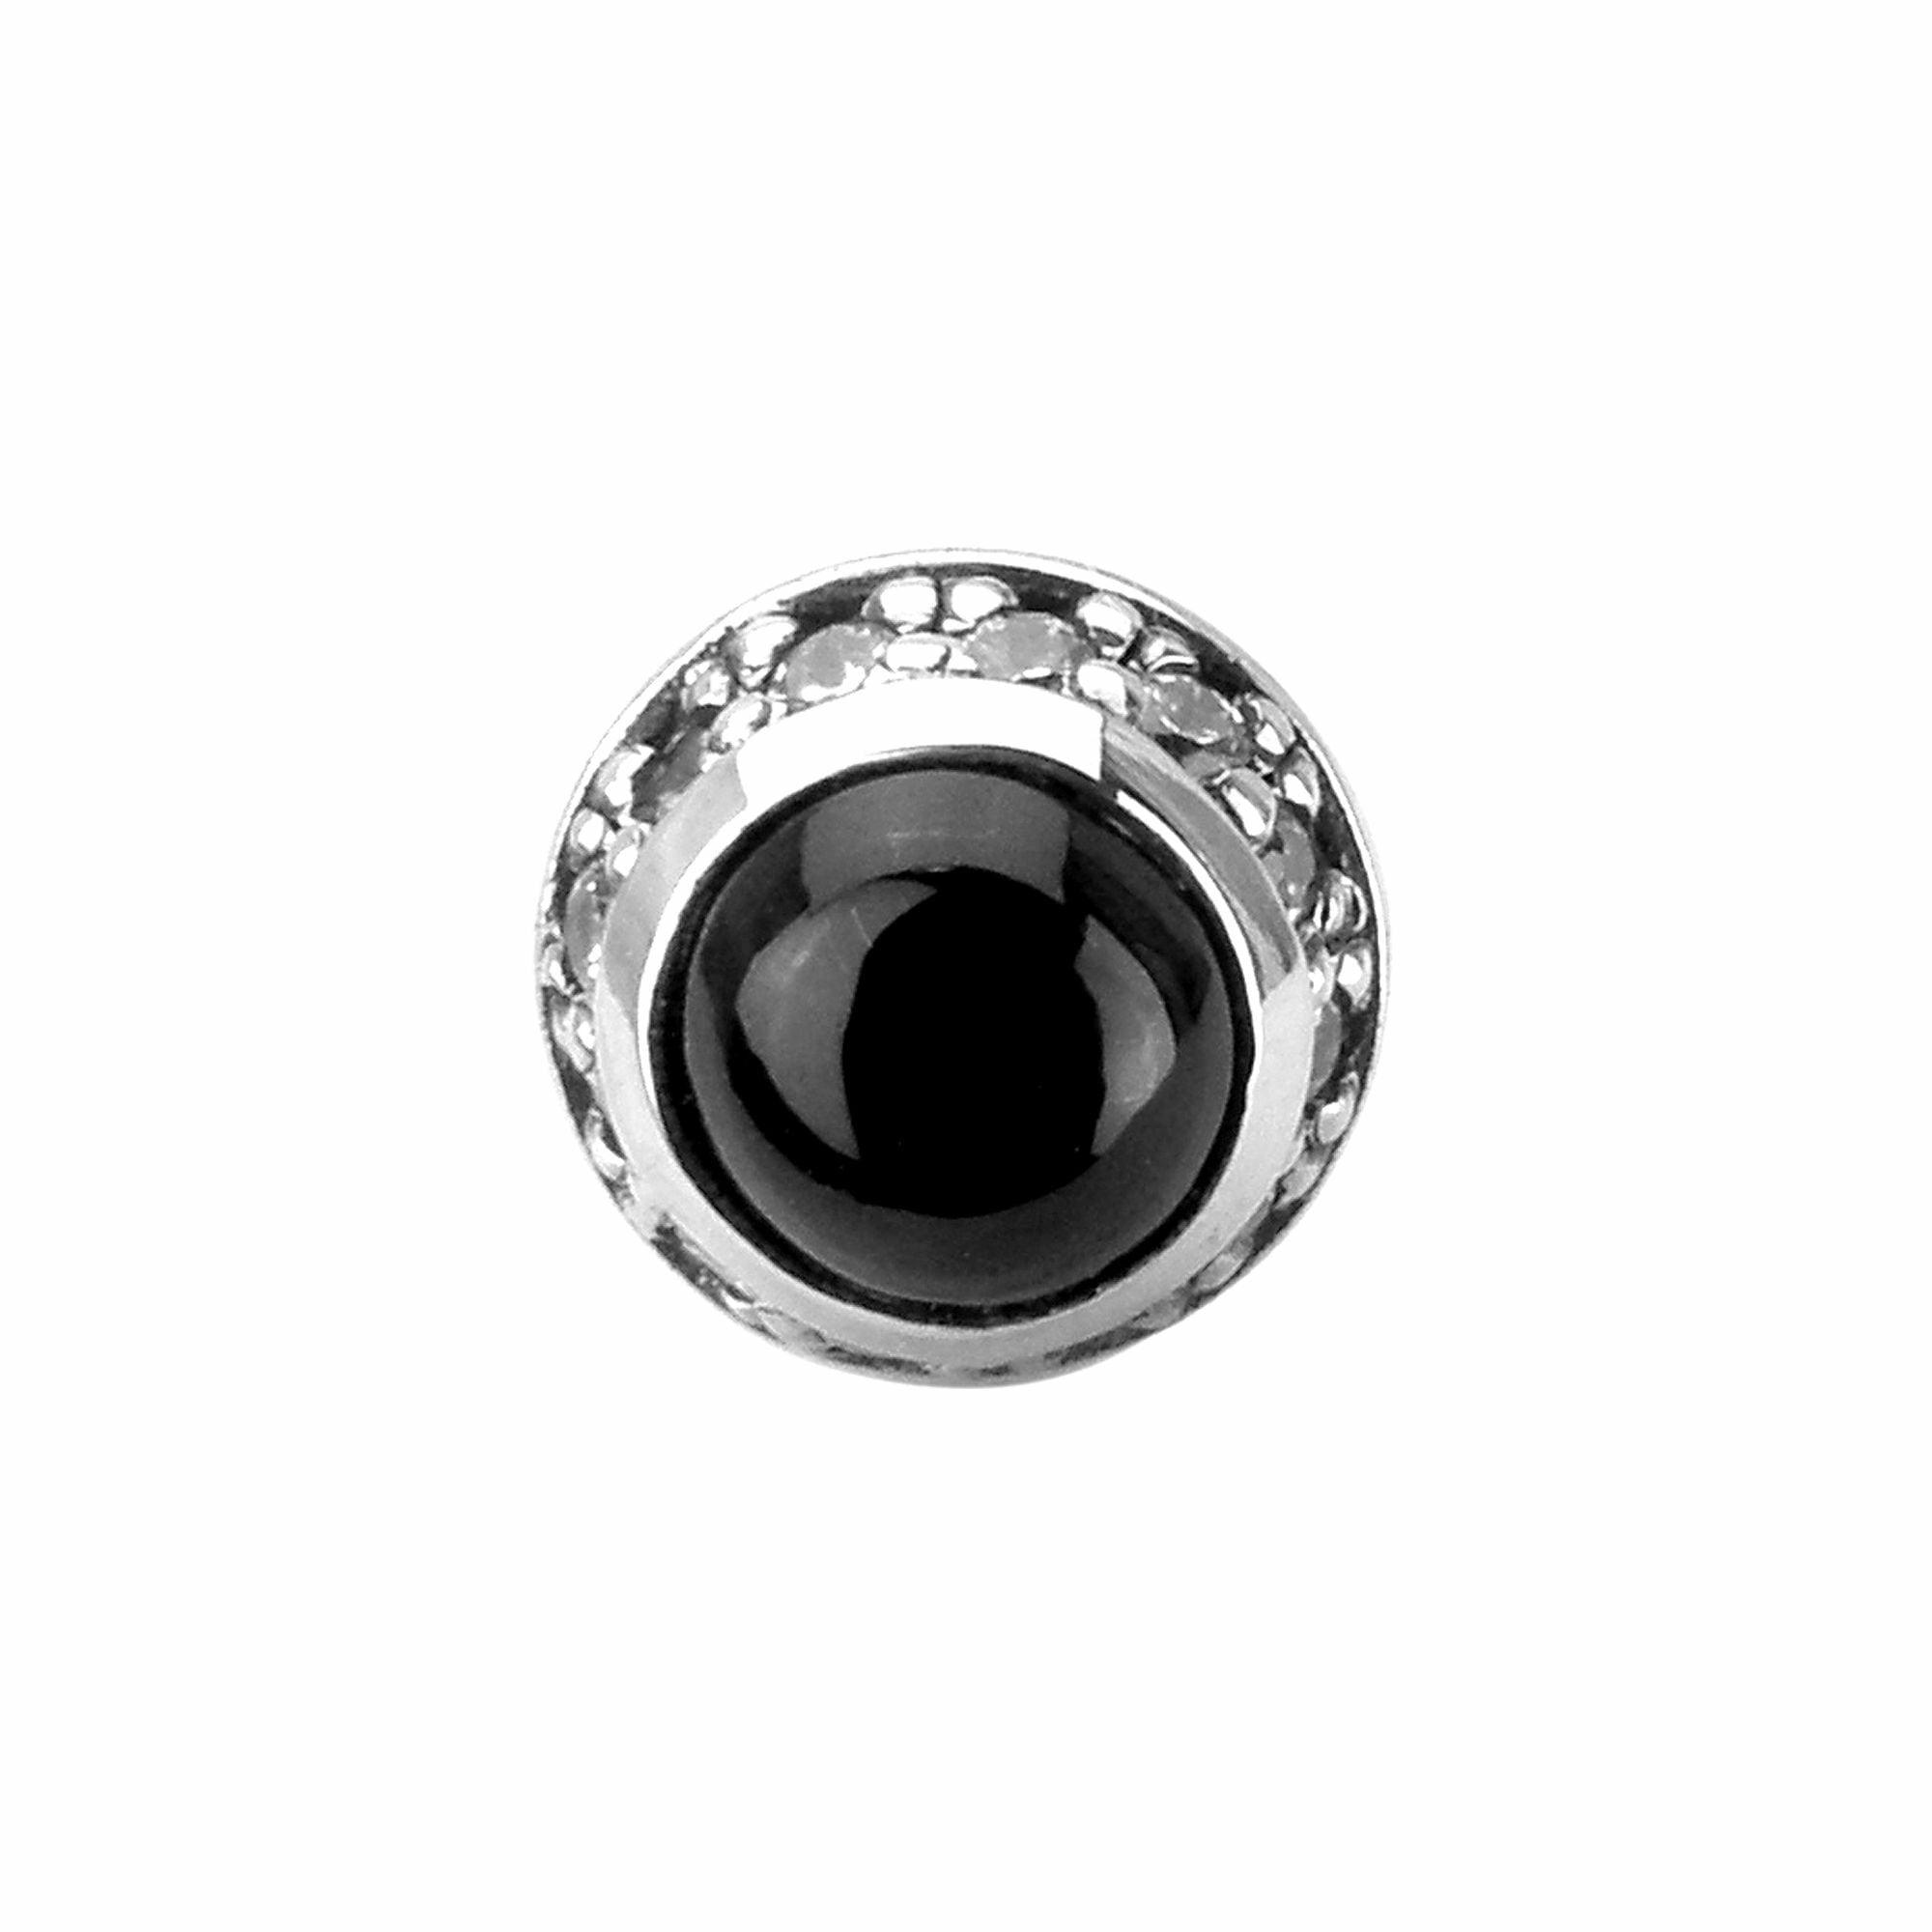 ラウンドブラックスターピアス ACE0061 Round black star earrings